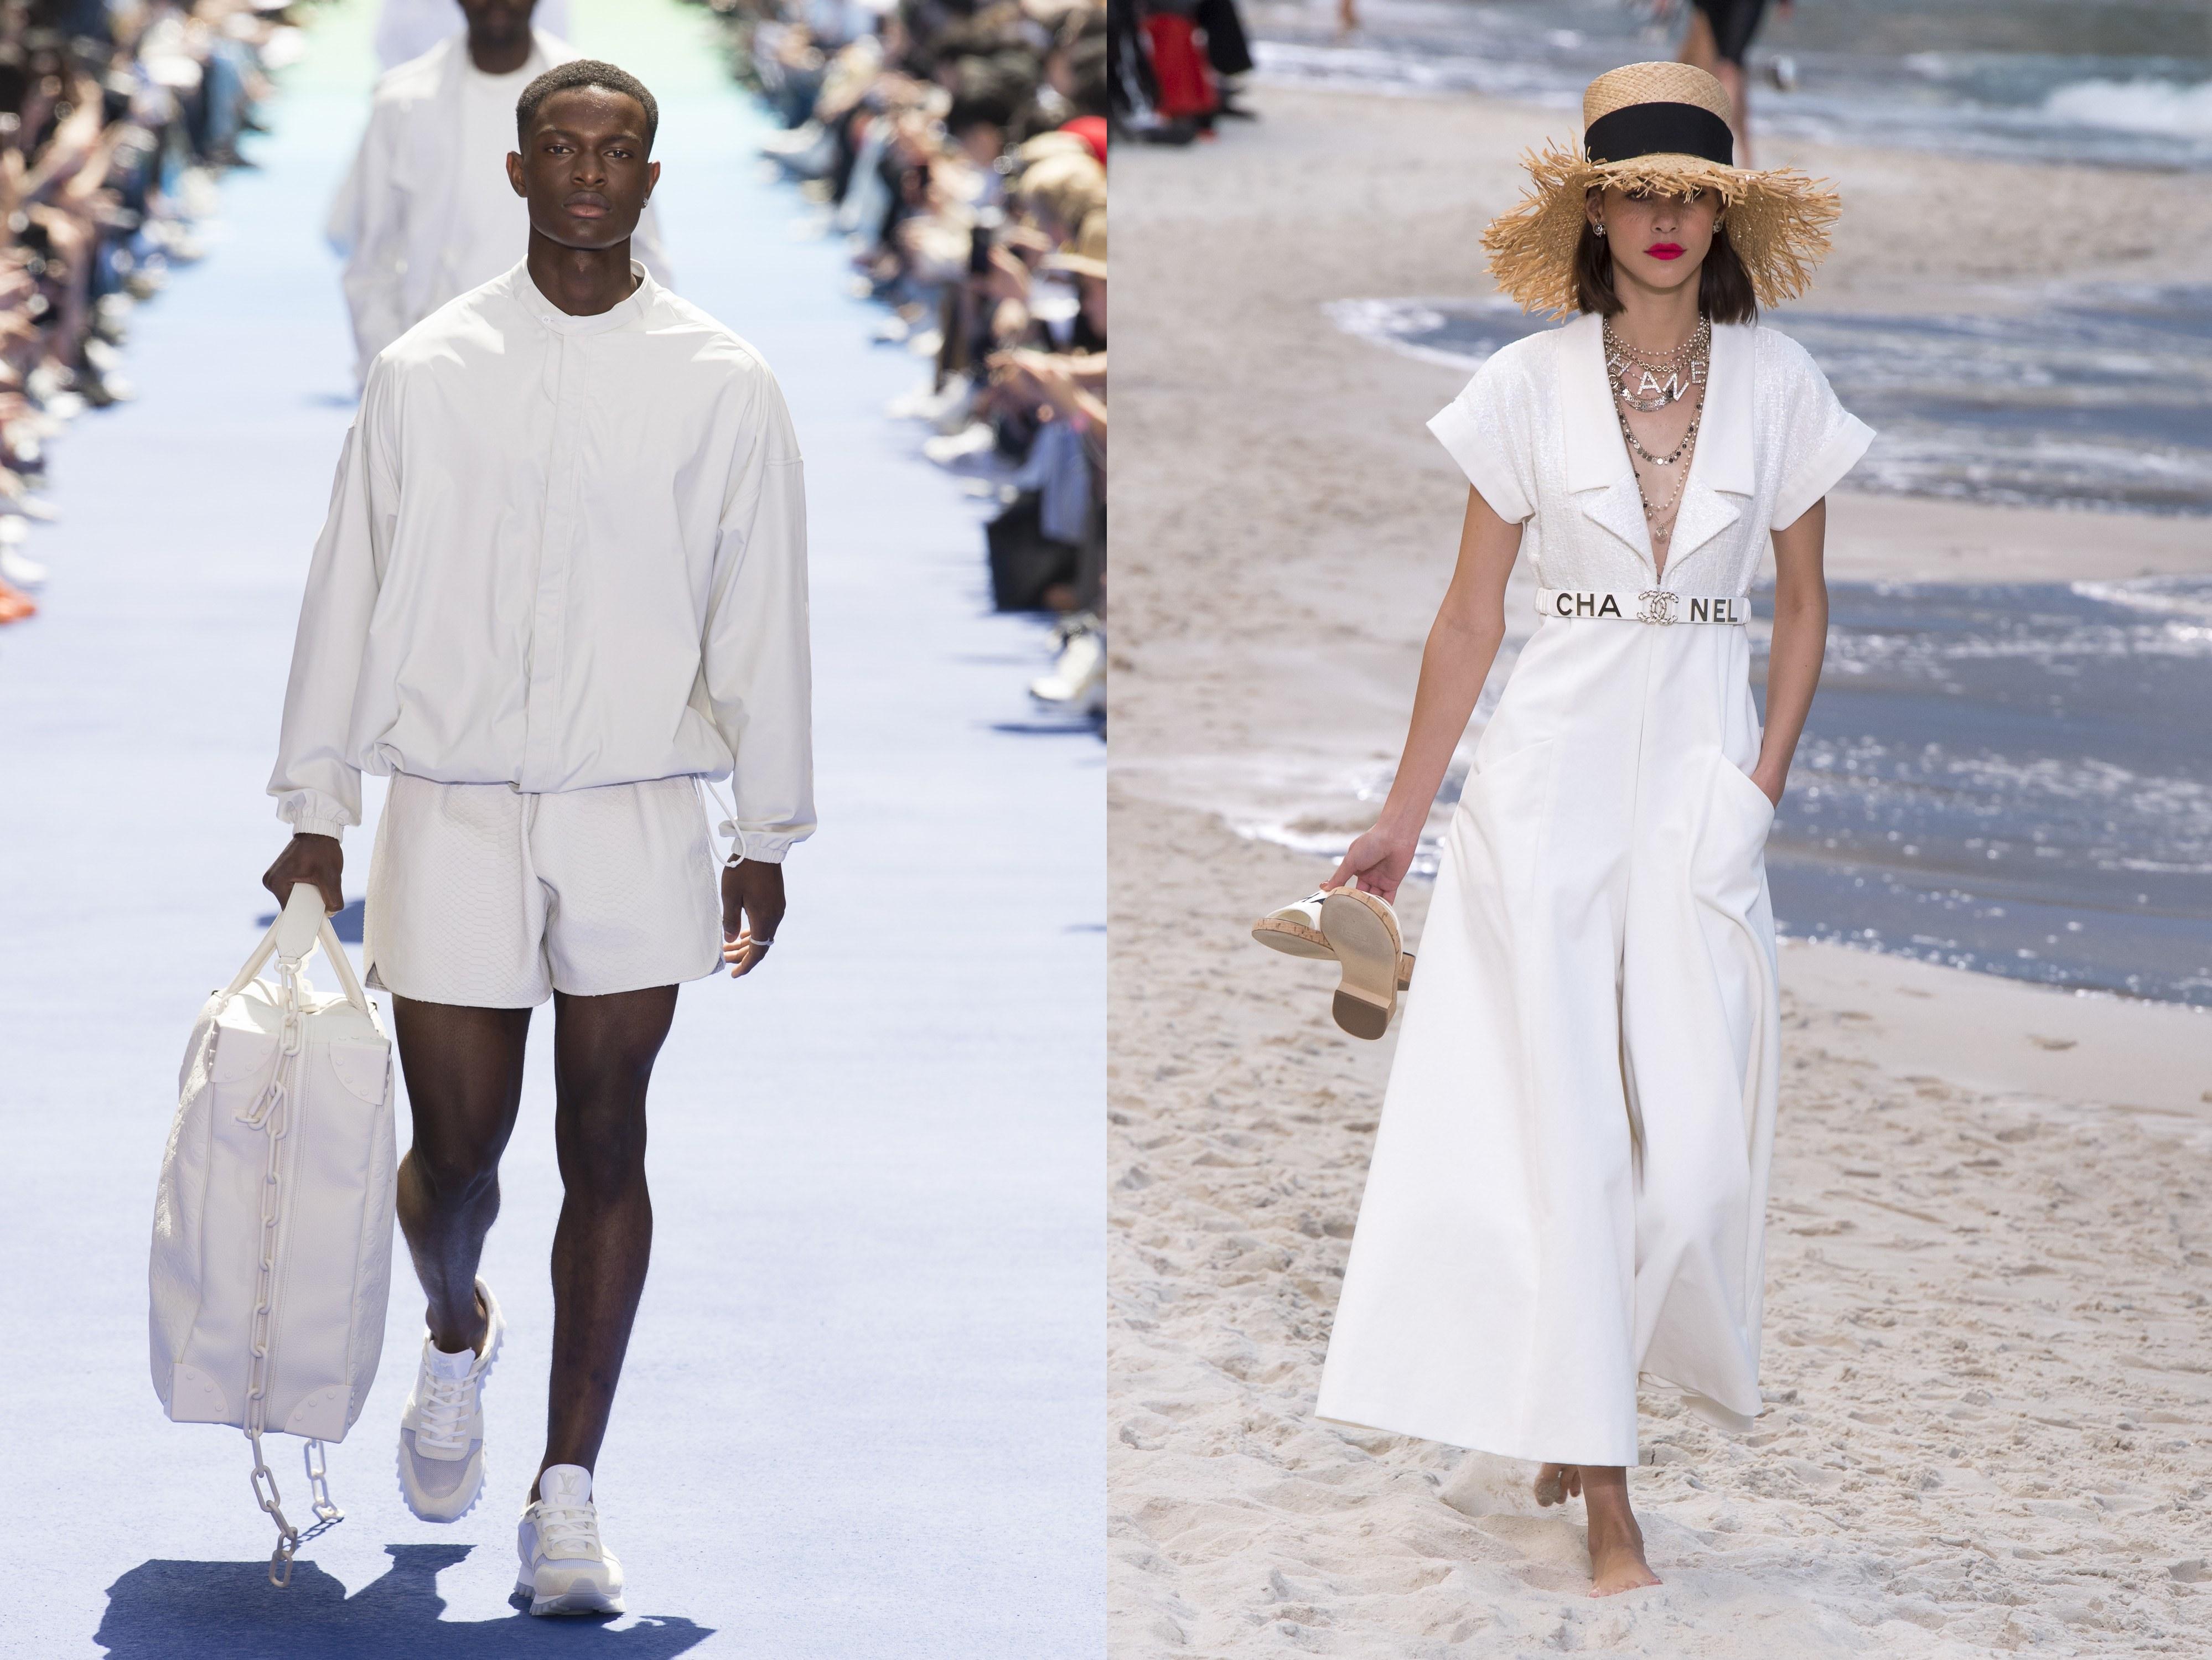 2019 S/S Louis Vuitton, 2019 S/S Chanel